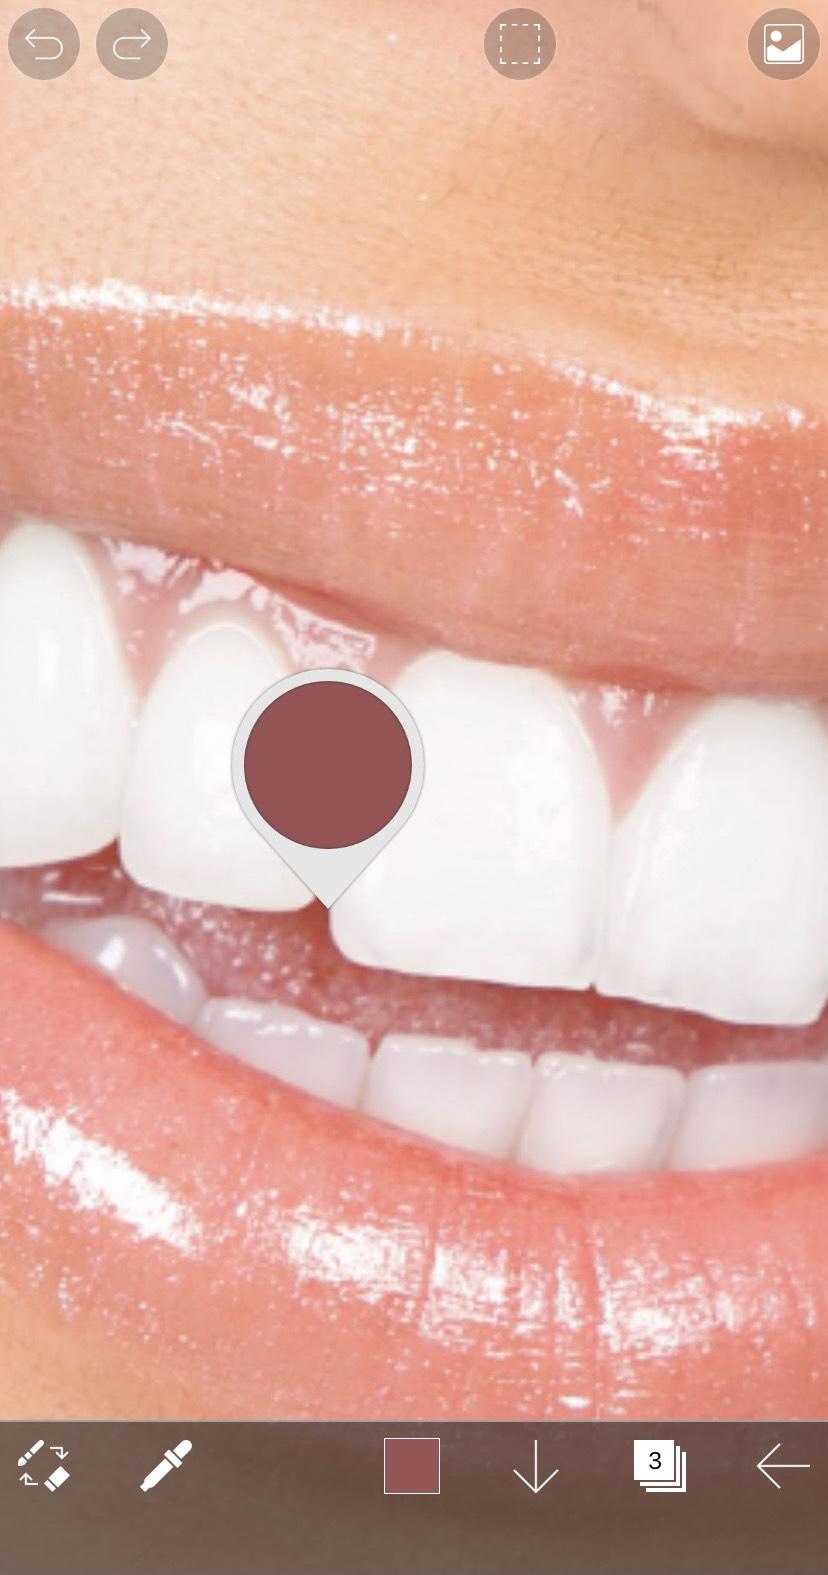 アプリ「アイビスペイントX」でスポイト機能で歯の周辺の色を採った状態